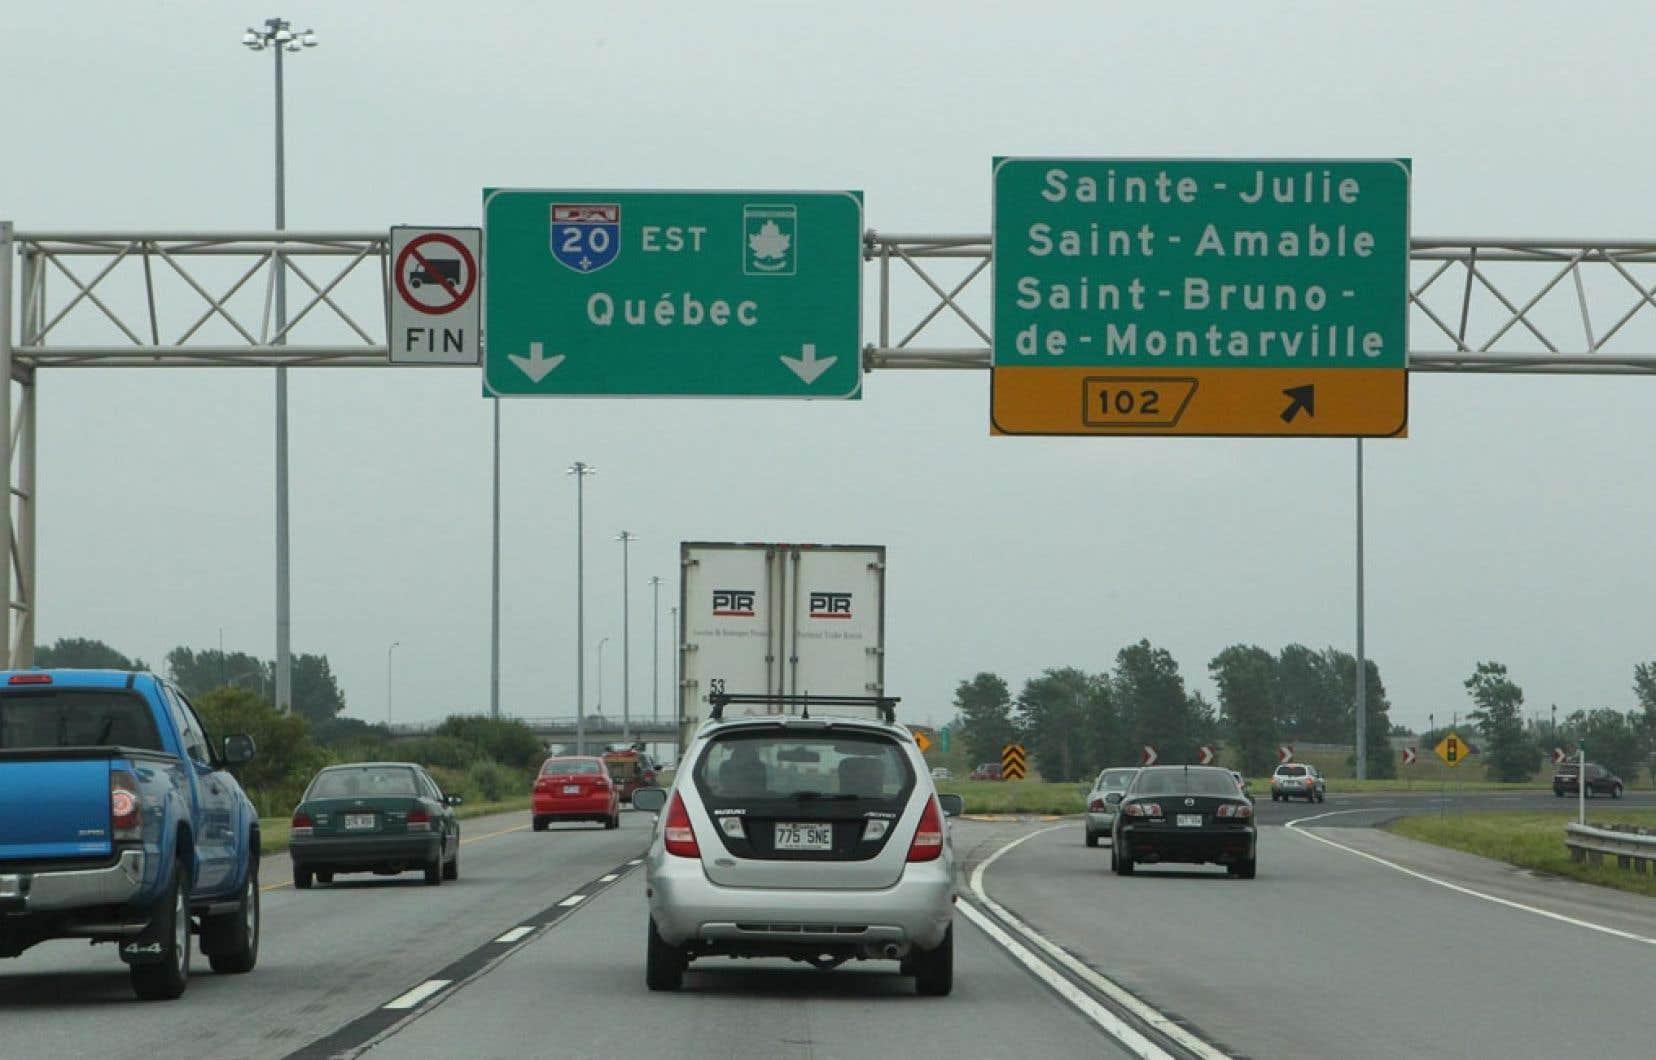 <div> &laquo;Quand on est dans sa voiture, on se retrouve comme dans un espace suspendu qui traverse plusieurs territoires entre Montr&eacute;al et Qu&eacute;bec. Des territoires qui, lorsqu&rsquo;on prend la peine de les &eacute;couter, nous racontent beaucoup de choses &raquo;, dit la chercheuse Marie-Christiane Mathieu, de l&rsquo;Universit&eacute; Laval.</div>